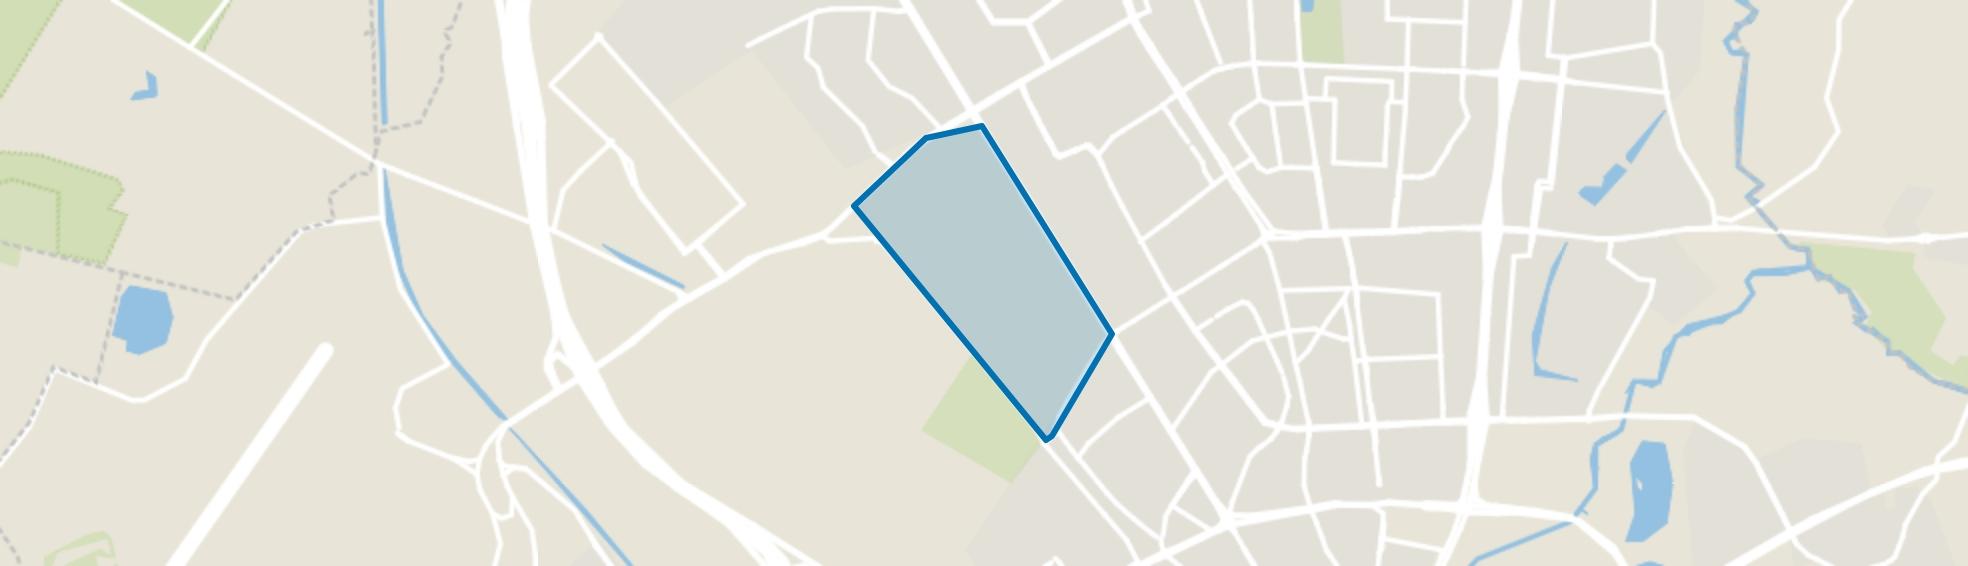 Vredeoord, Eindhoven map